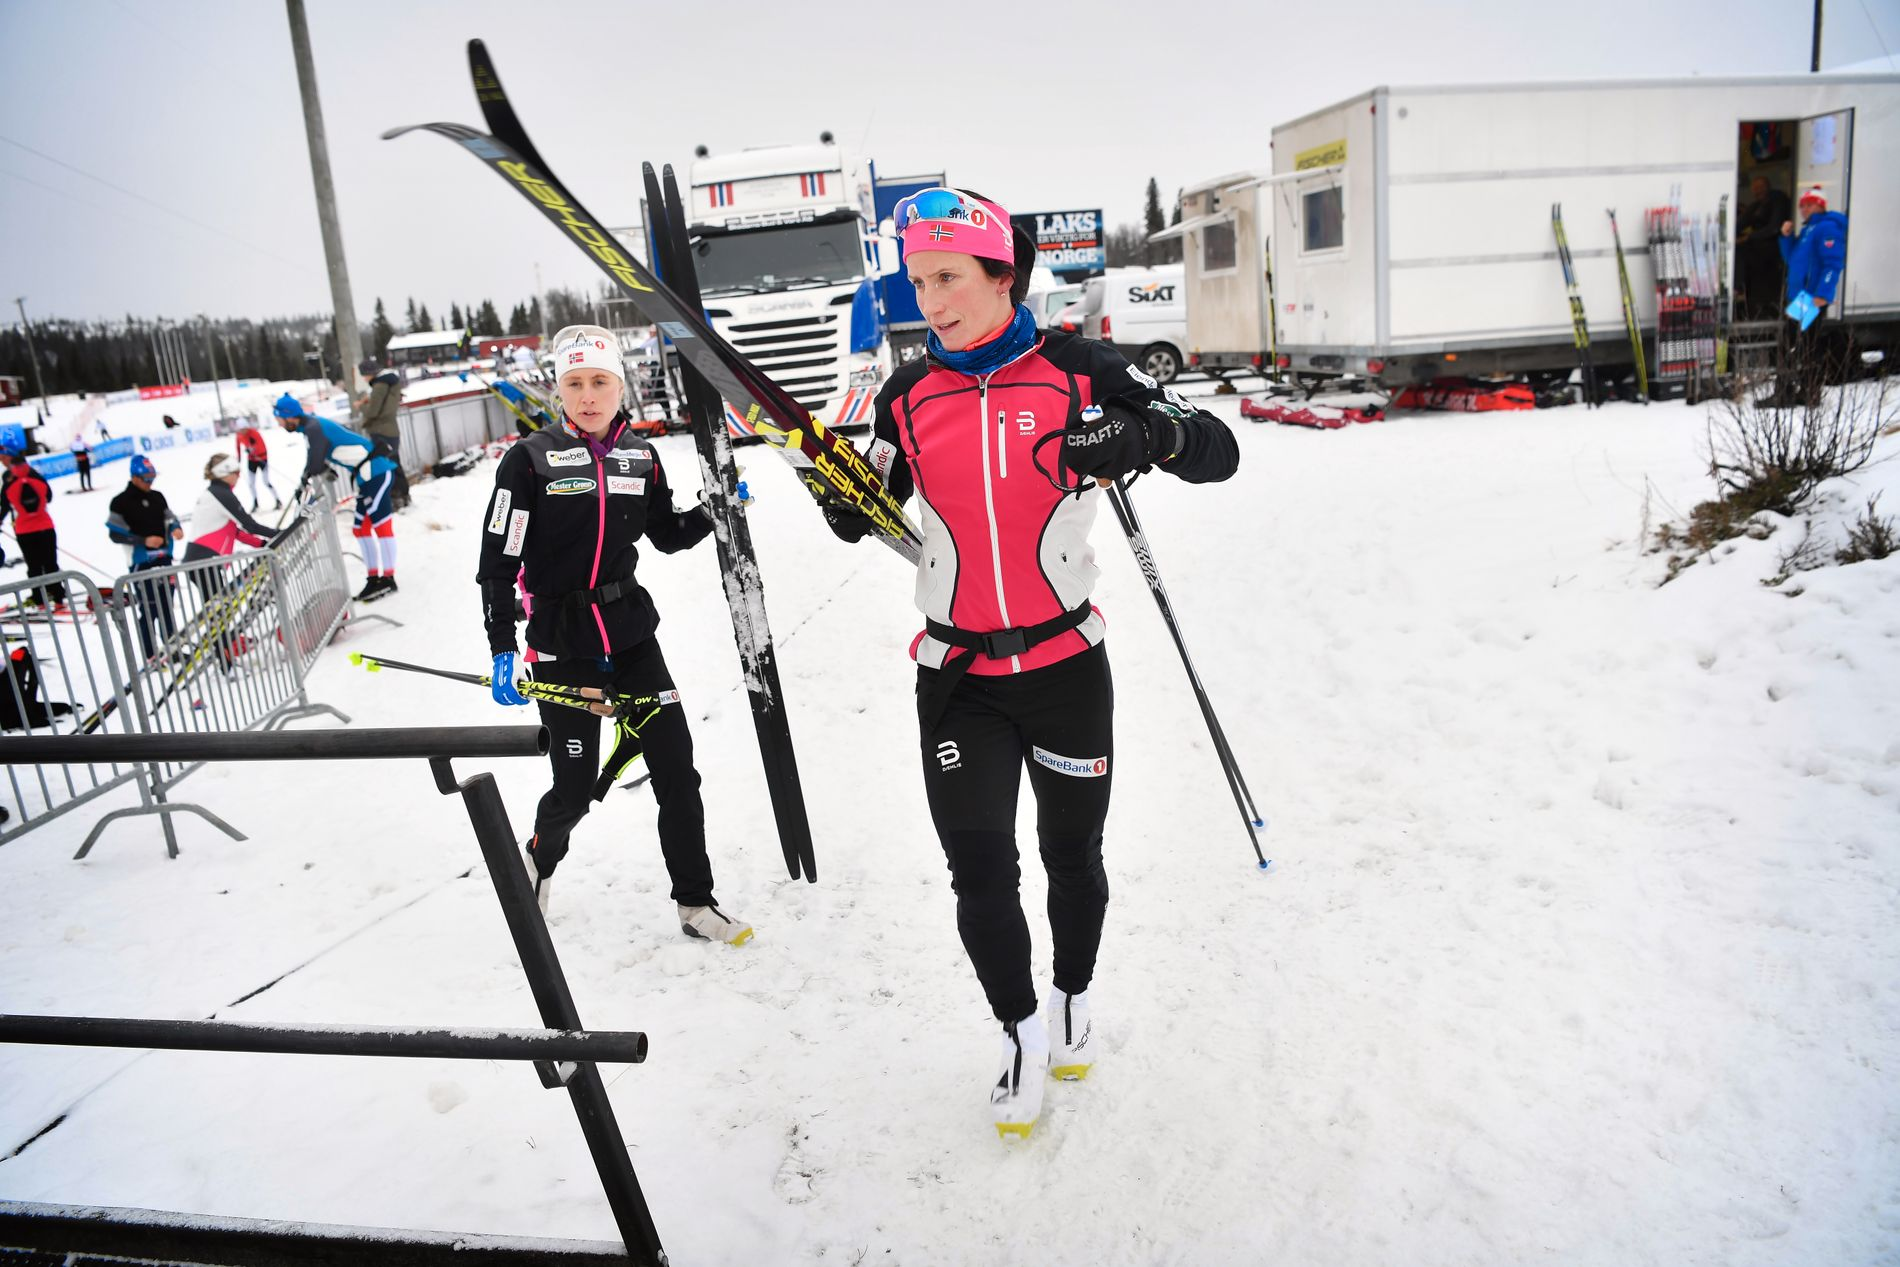 DROPPER TOUREN: Marit Bjørgen på vei ut til en treningsrunde i lett snøvær på Beitostølen i dag.